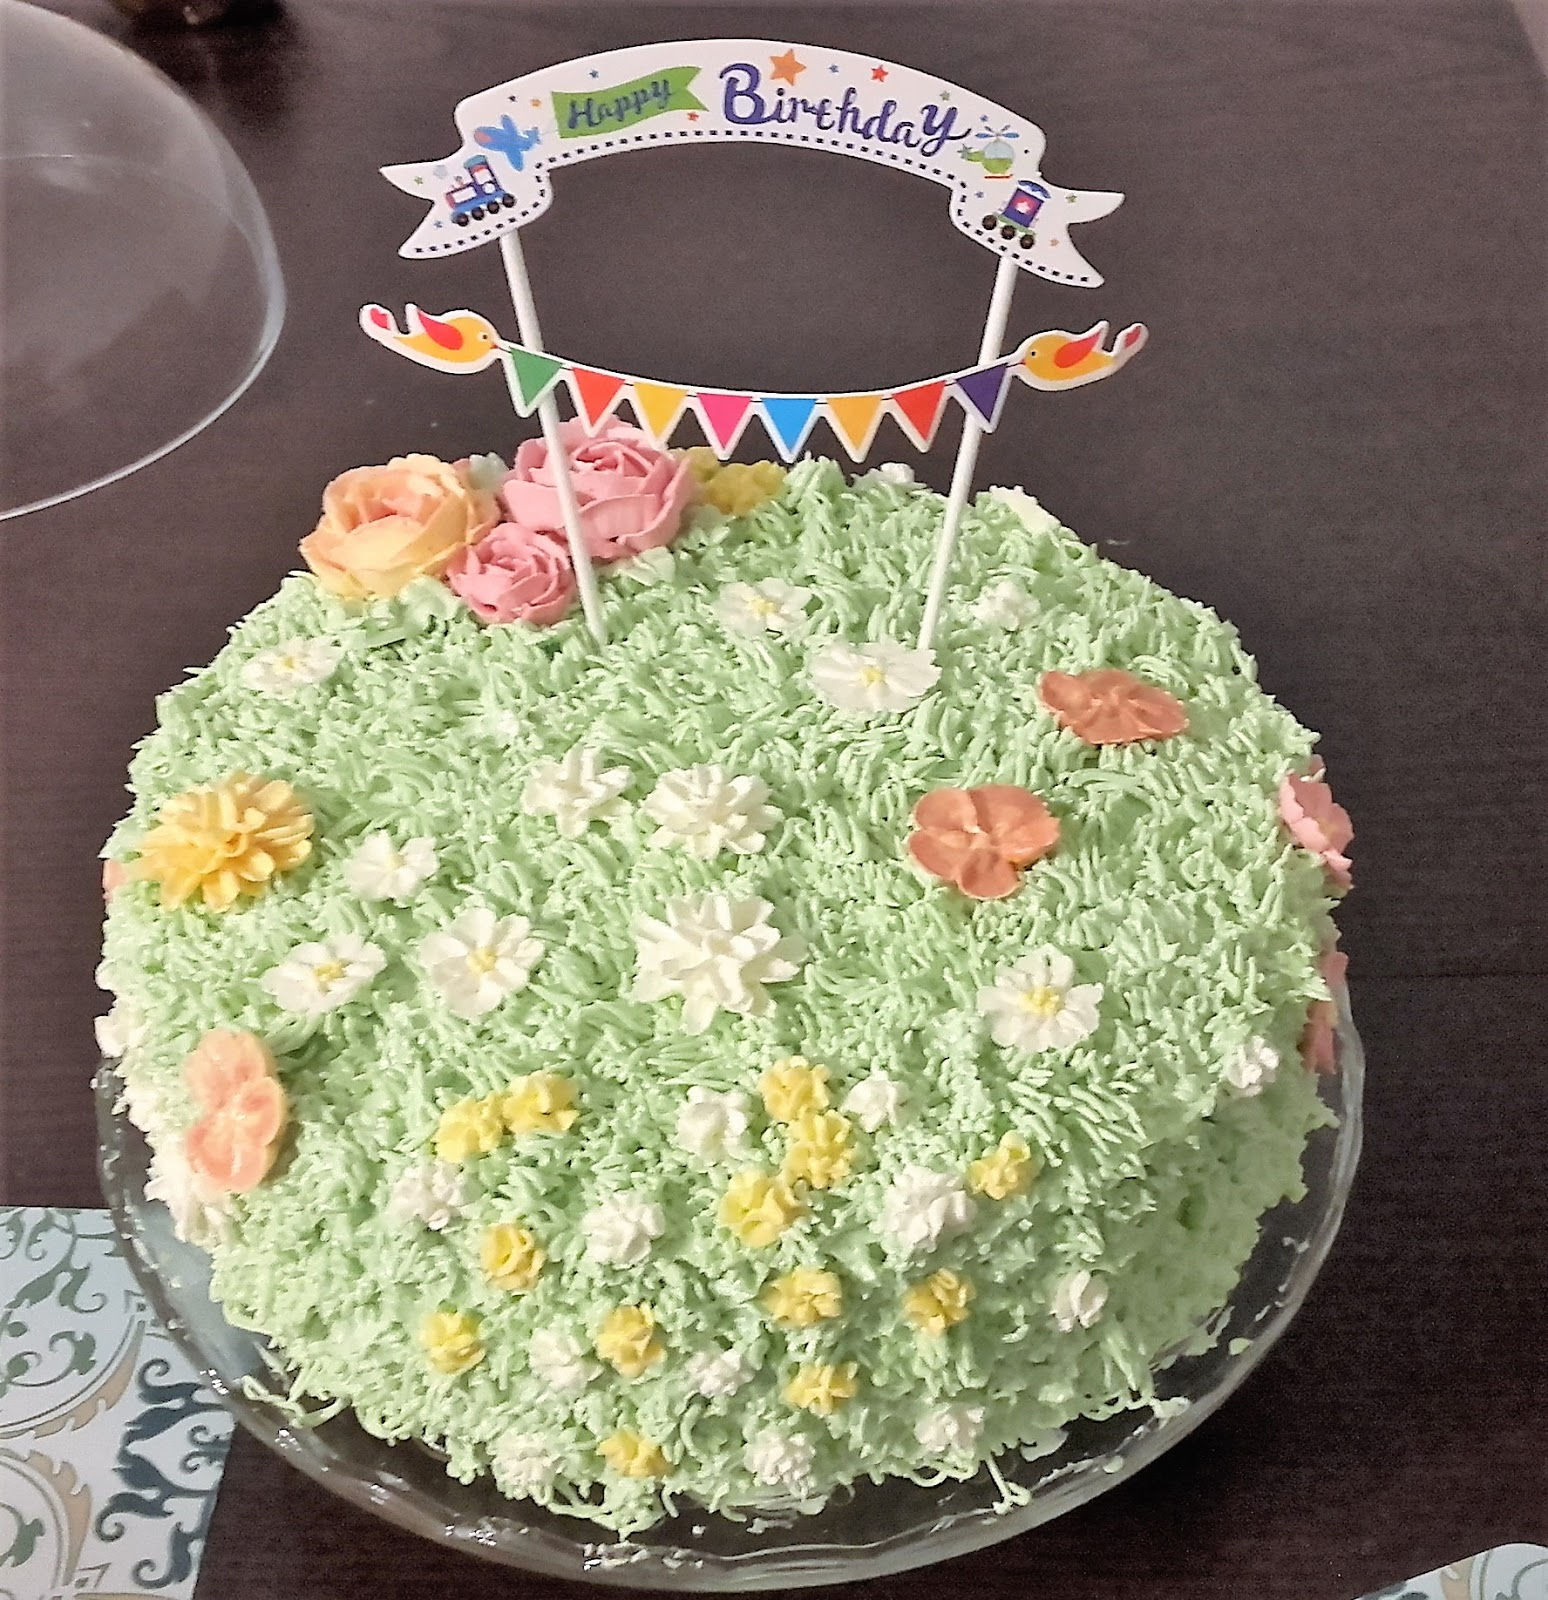 przepisy na przyjęcie urodzinowe do pobrania, przepisy na imprezę, sprawdzone dania na przyjęcie